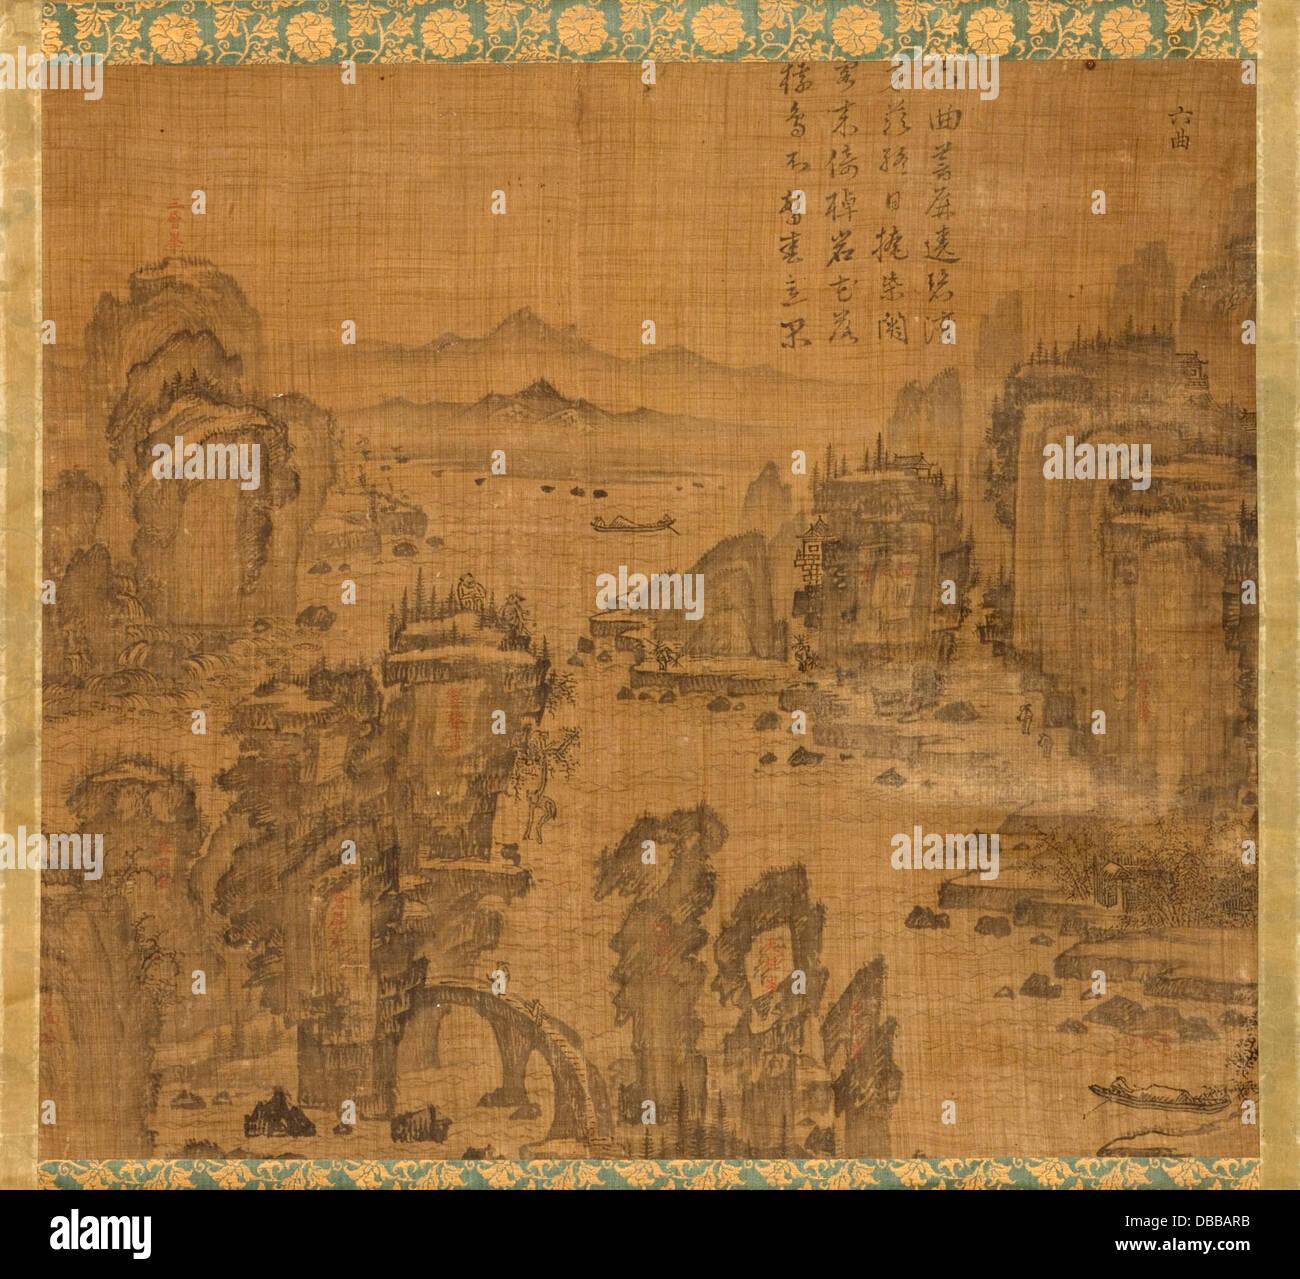 Le sixième des neuf virages Le Mont Wuyi, Chine M.2000.15.20 (1 de 5) Banque D'Images